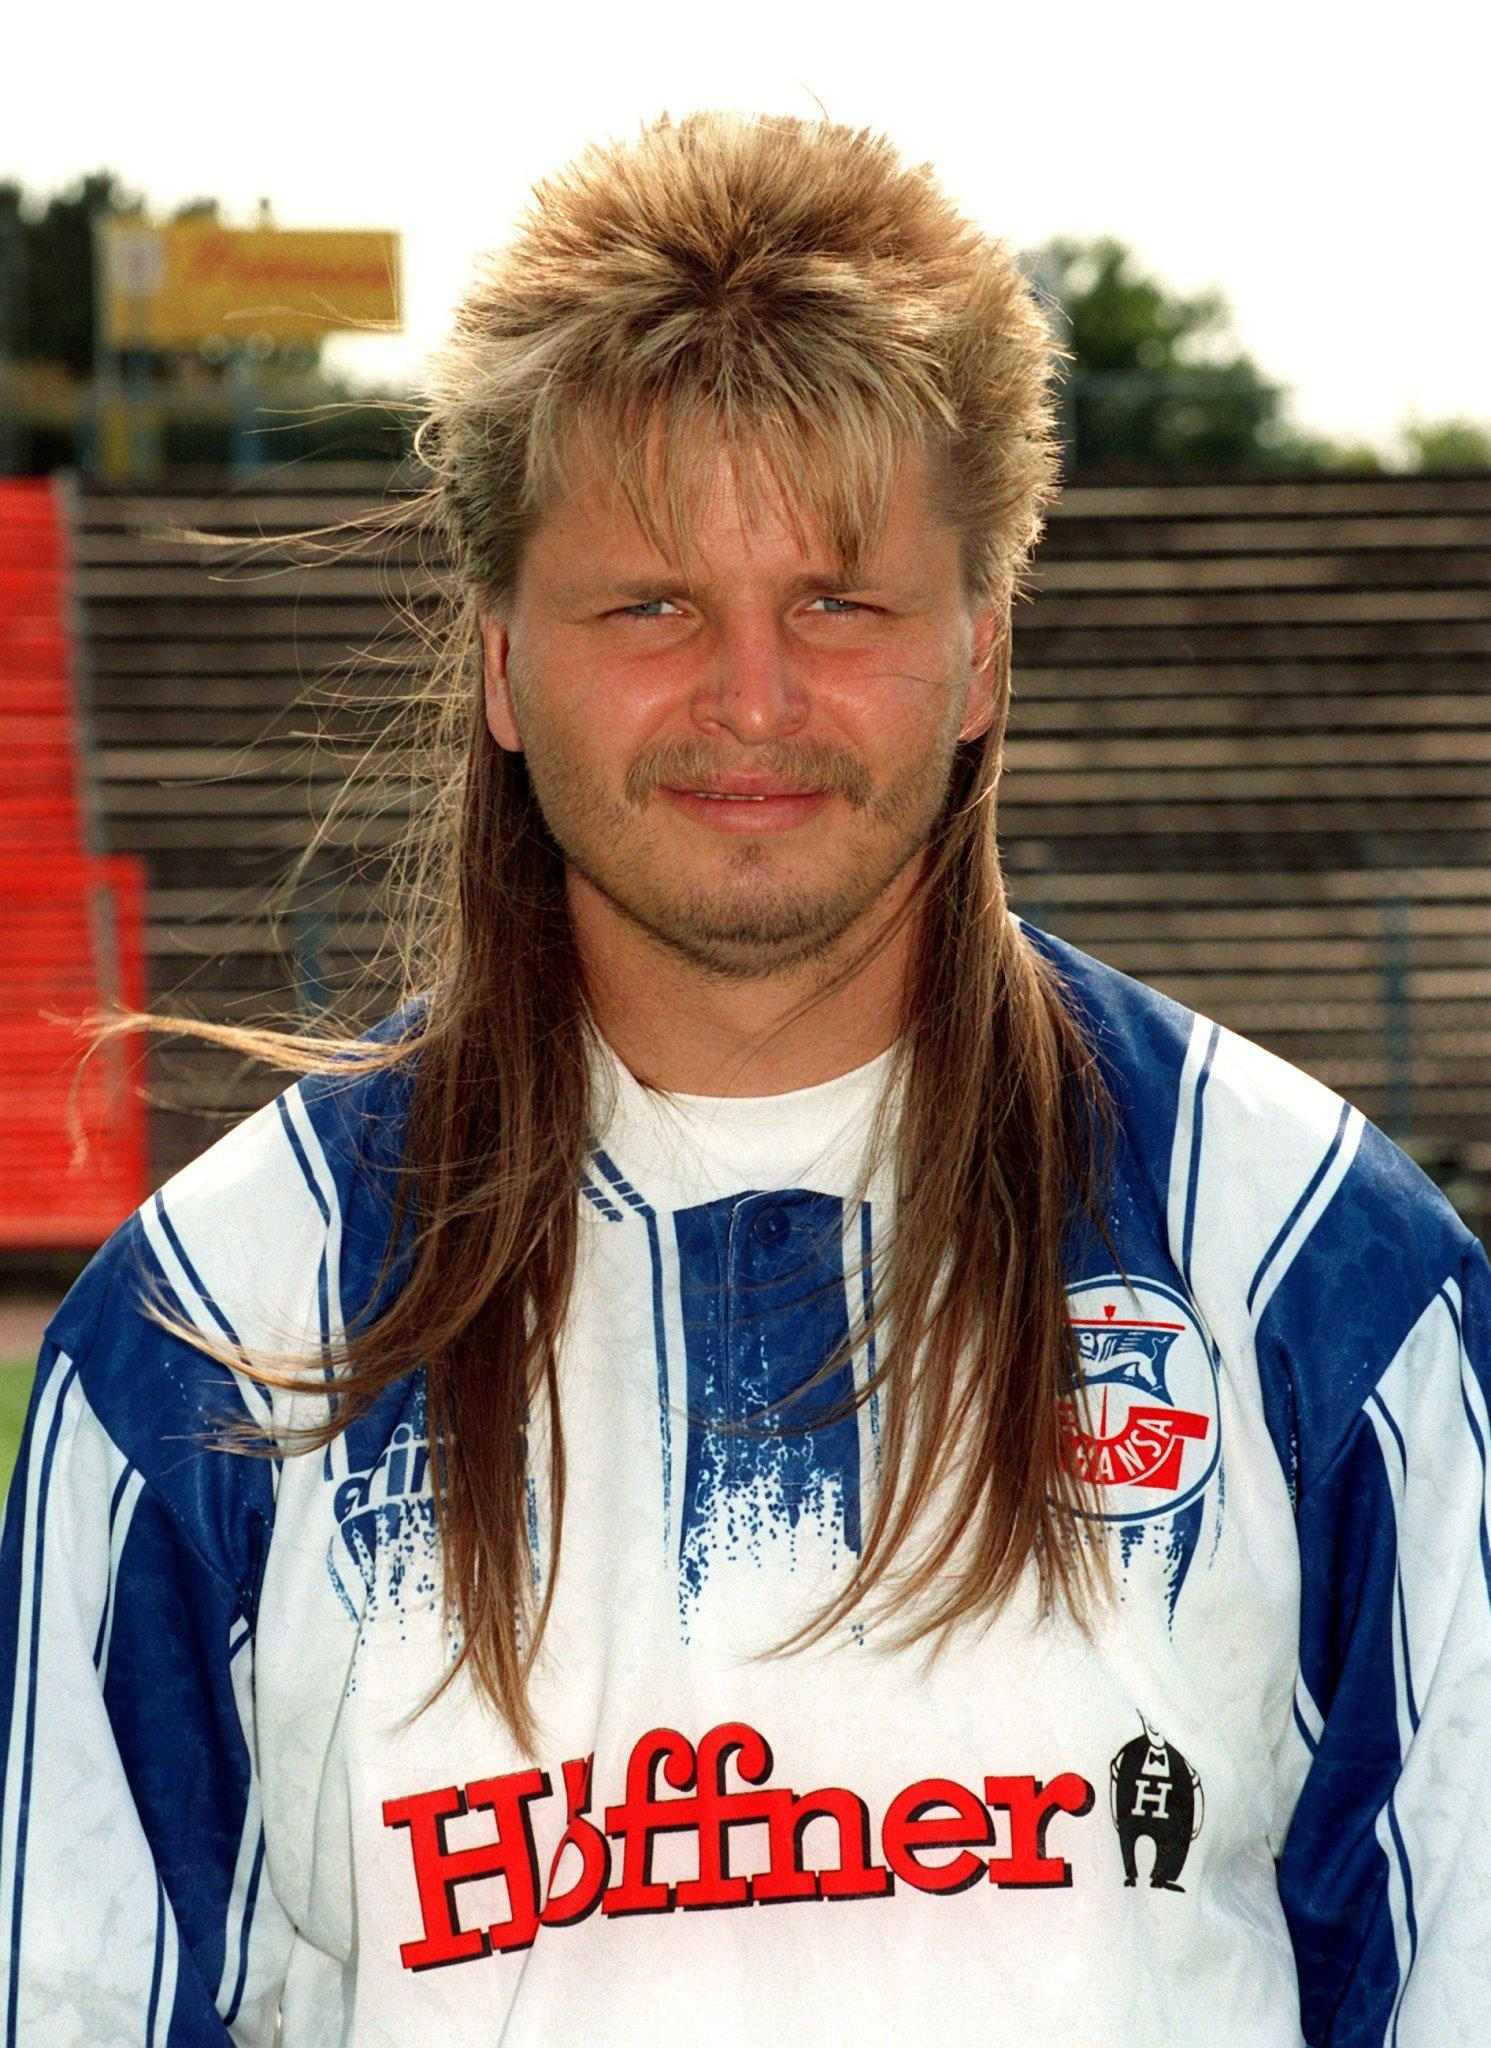 Die merkwürdigen Haar Kreationen der Fußballstars